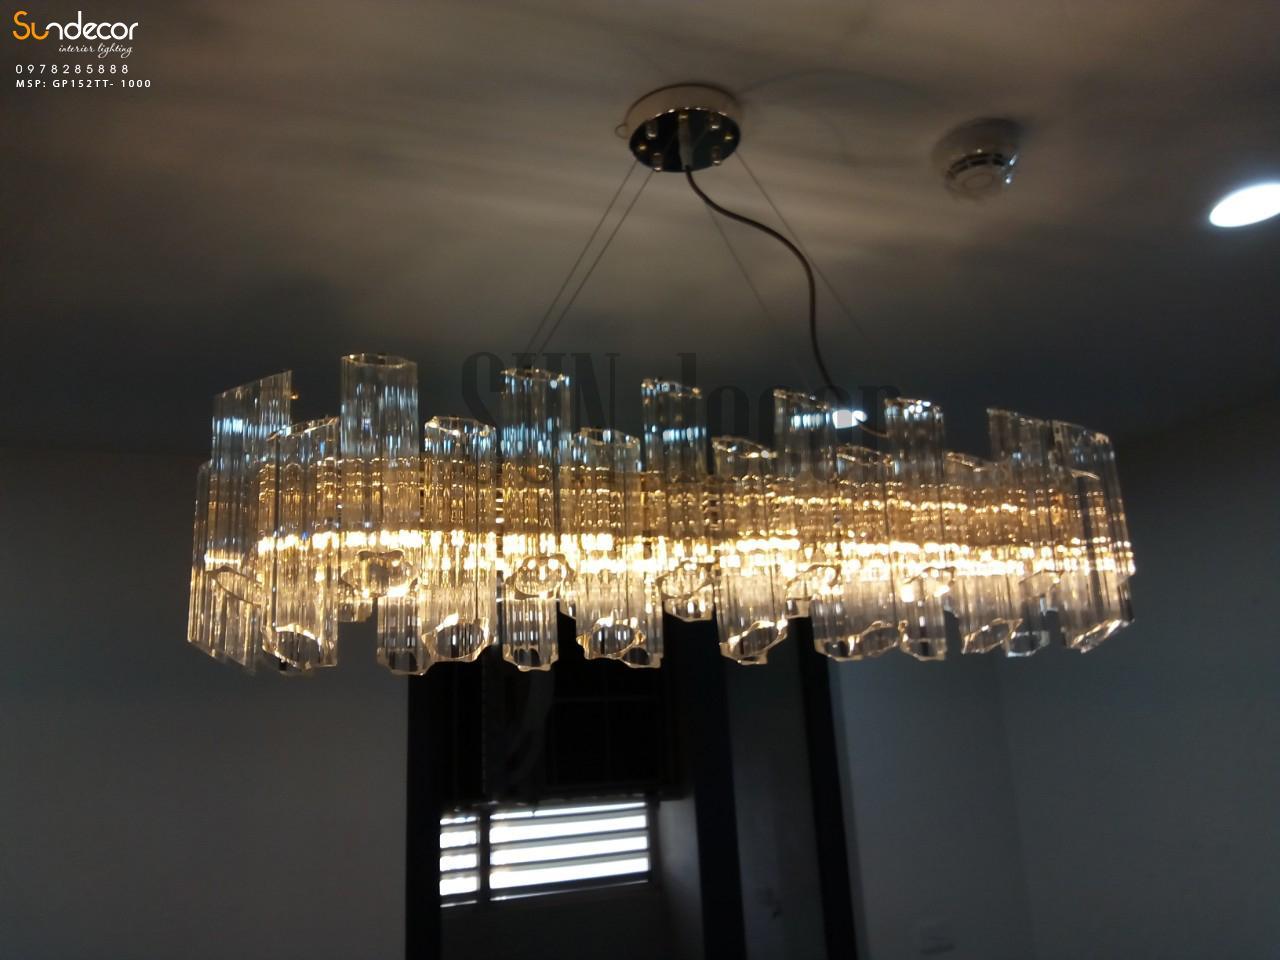 Đèn Bàn Phòng Ngủ Led Cao Cấp - GP152TT-1000